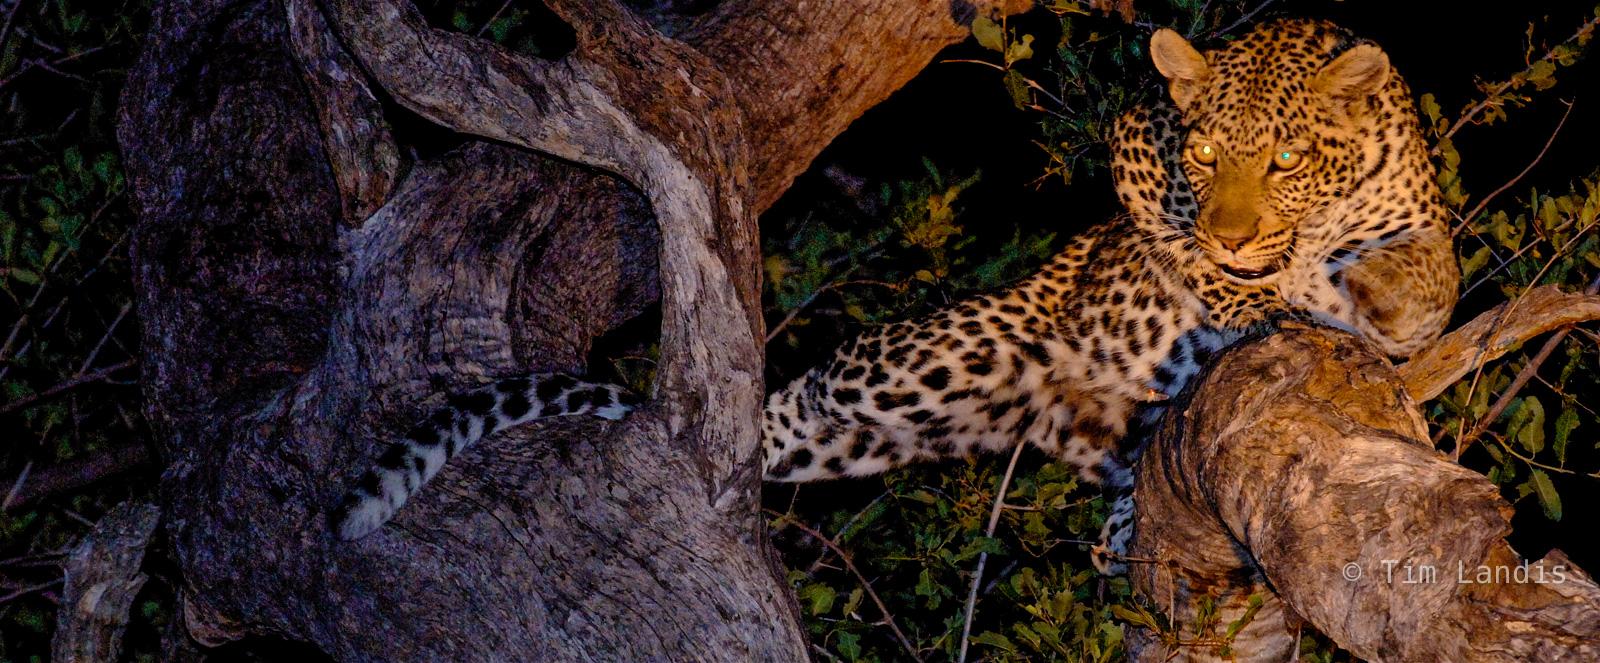 leopard, leopard at night, leopard in tree, leopard sneaking up, photo